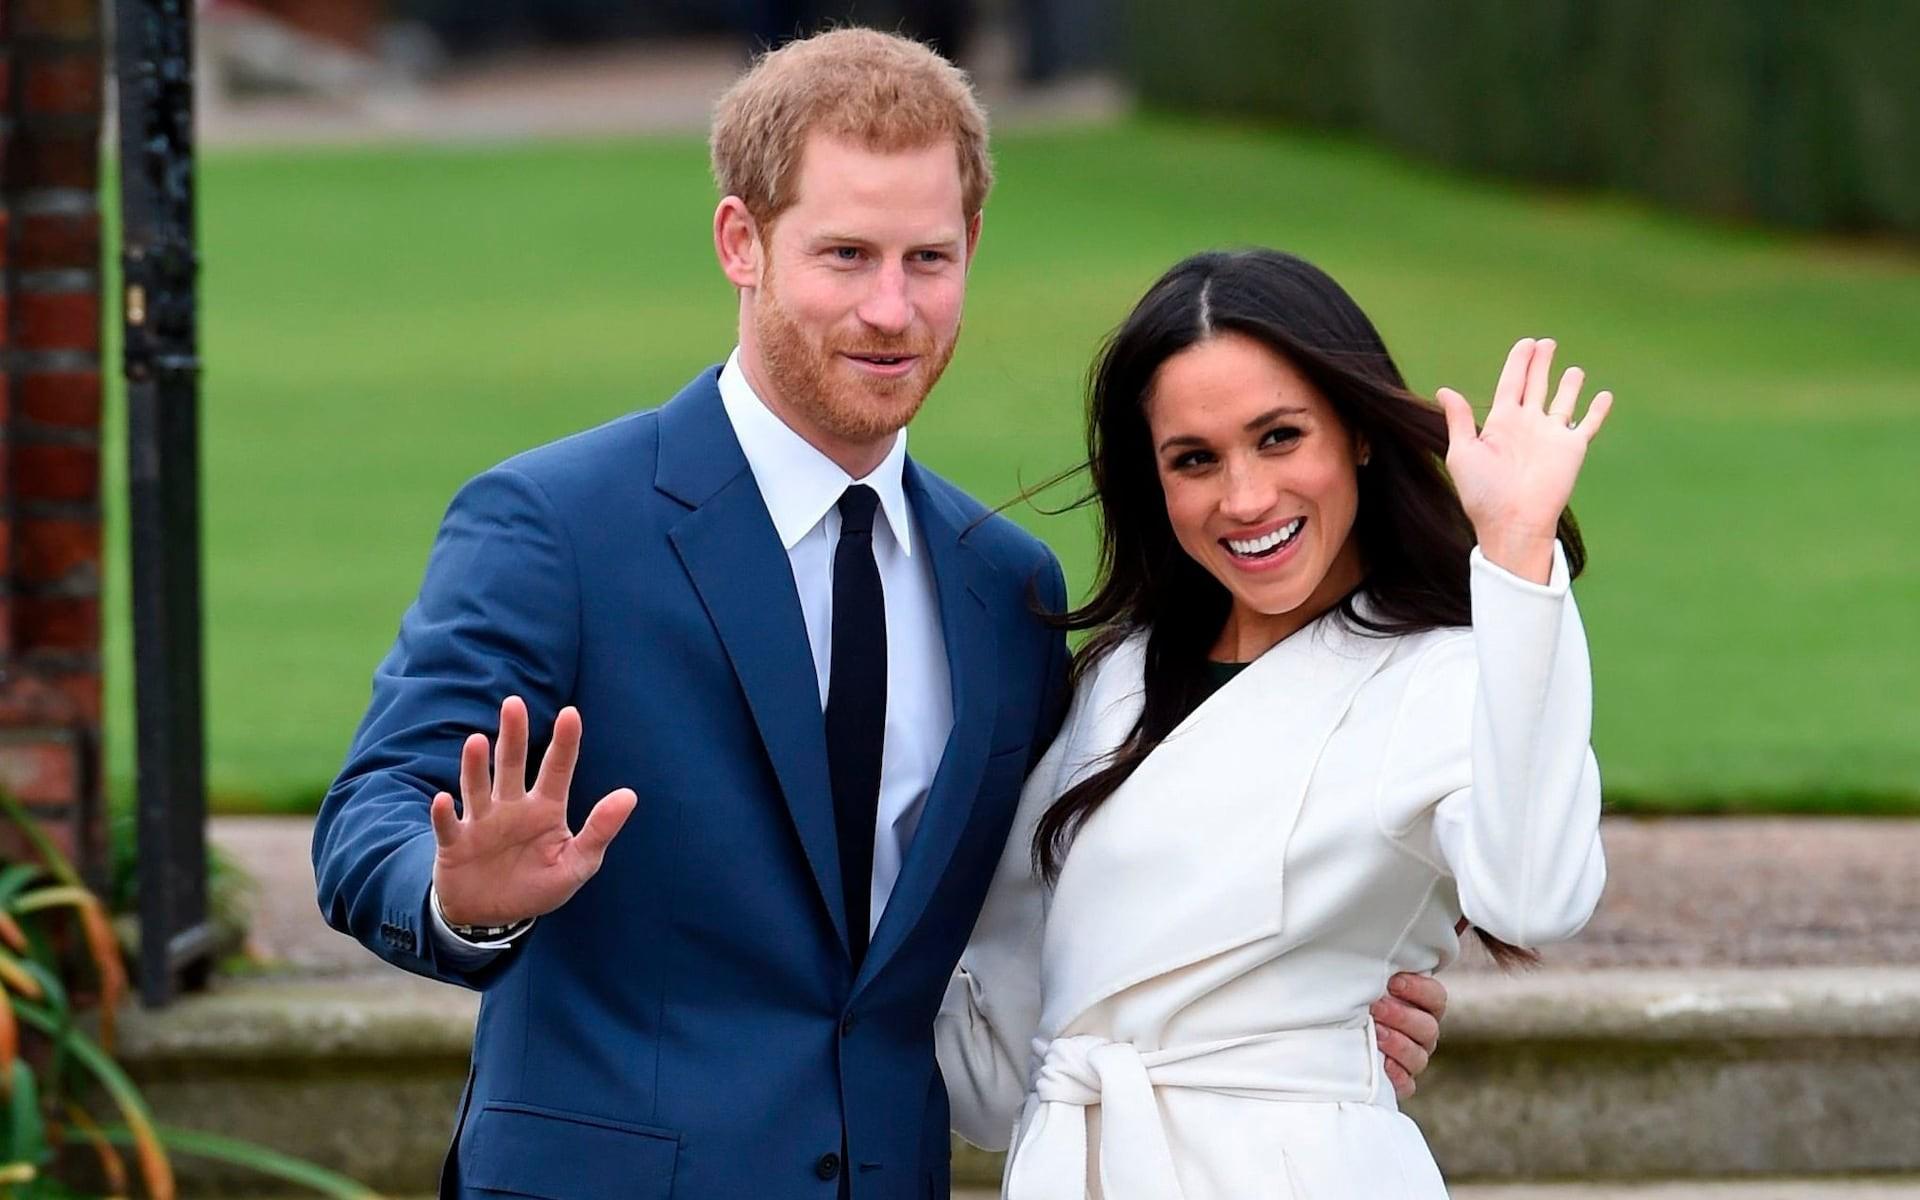 Nữ diễn viên Meghan Markle sẽ nhận tước hiệu gì sau khi trở thành vợ Hoàng tử? 2